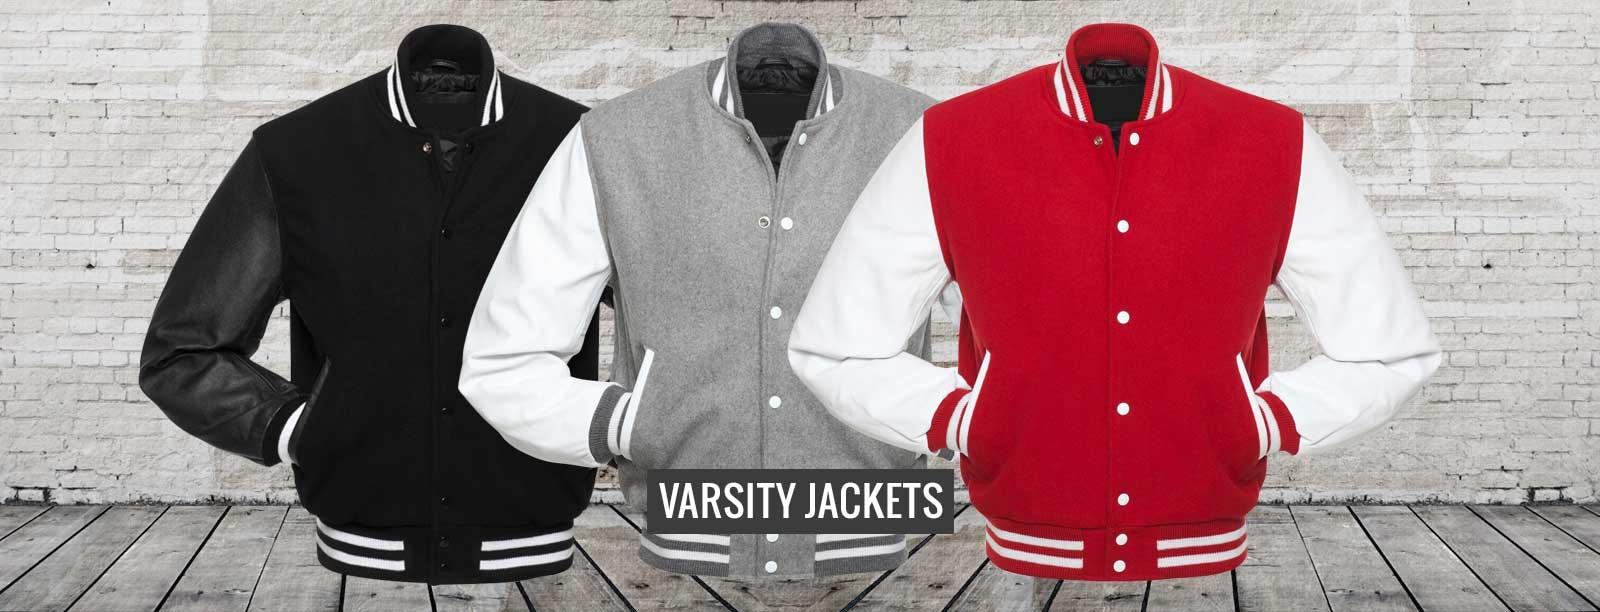 Varsity Jackets-Custom Varsity Jackets-Varsity Letterman jackets